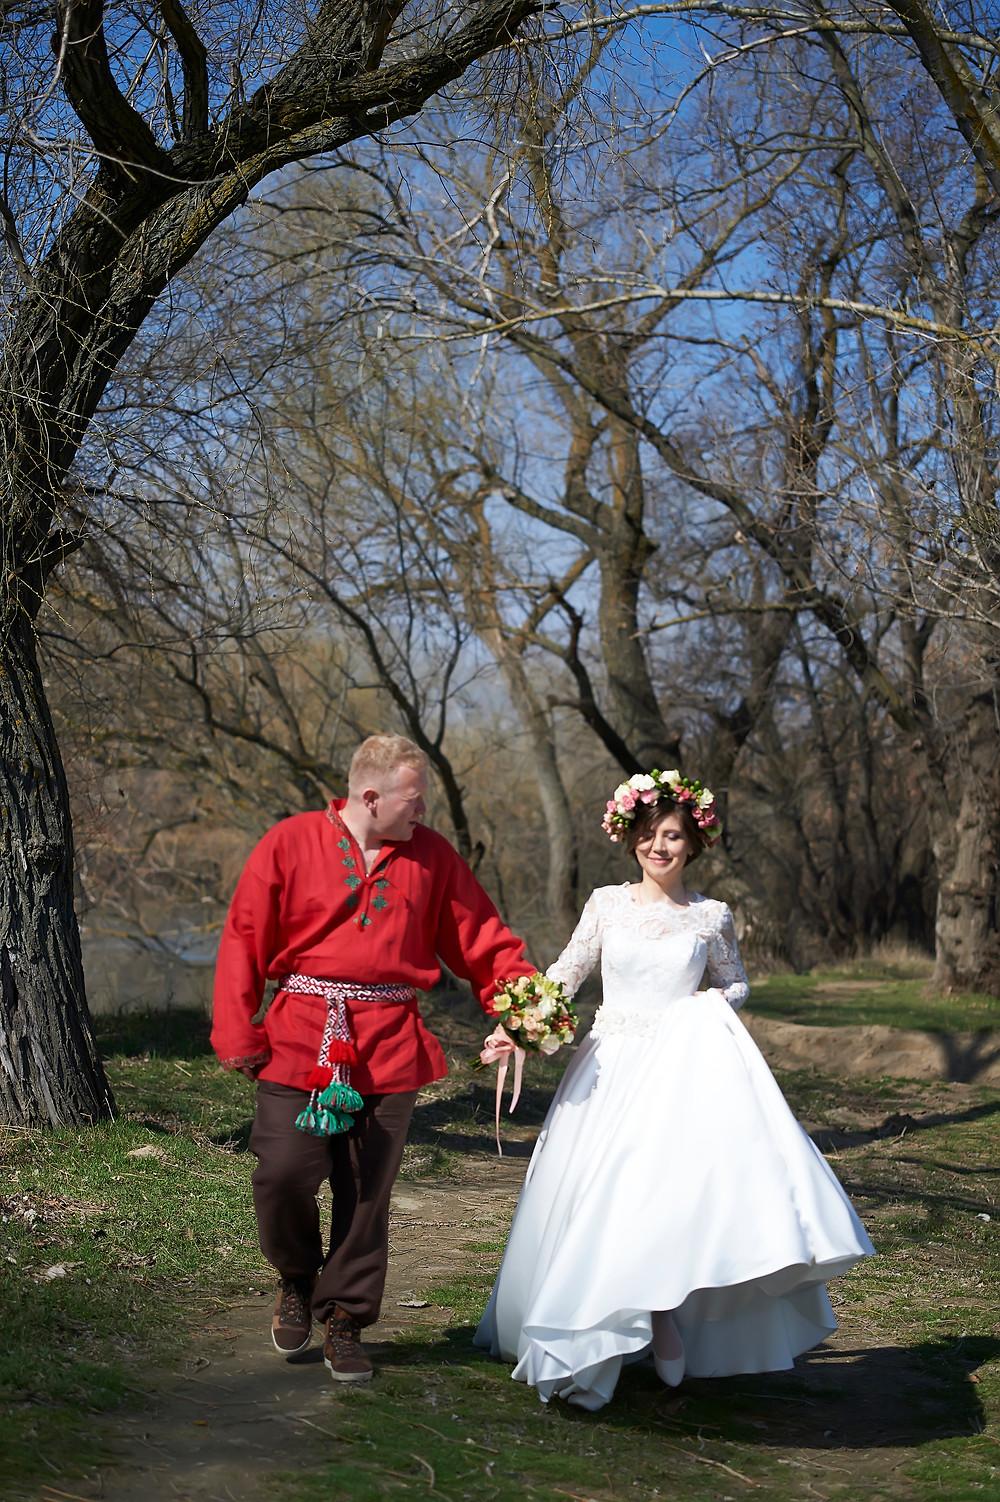 свадьба для двоих молодожены как праздновать в карантин прогулка  жених и невеста необычная фотосессия фотограф приднестровье фтотсъемка днестровск свадьба без гостей и банкета необычная свадьба в этническом стиле